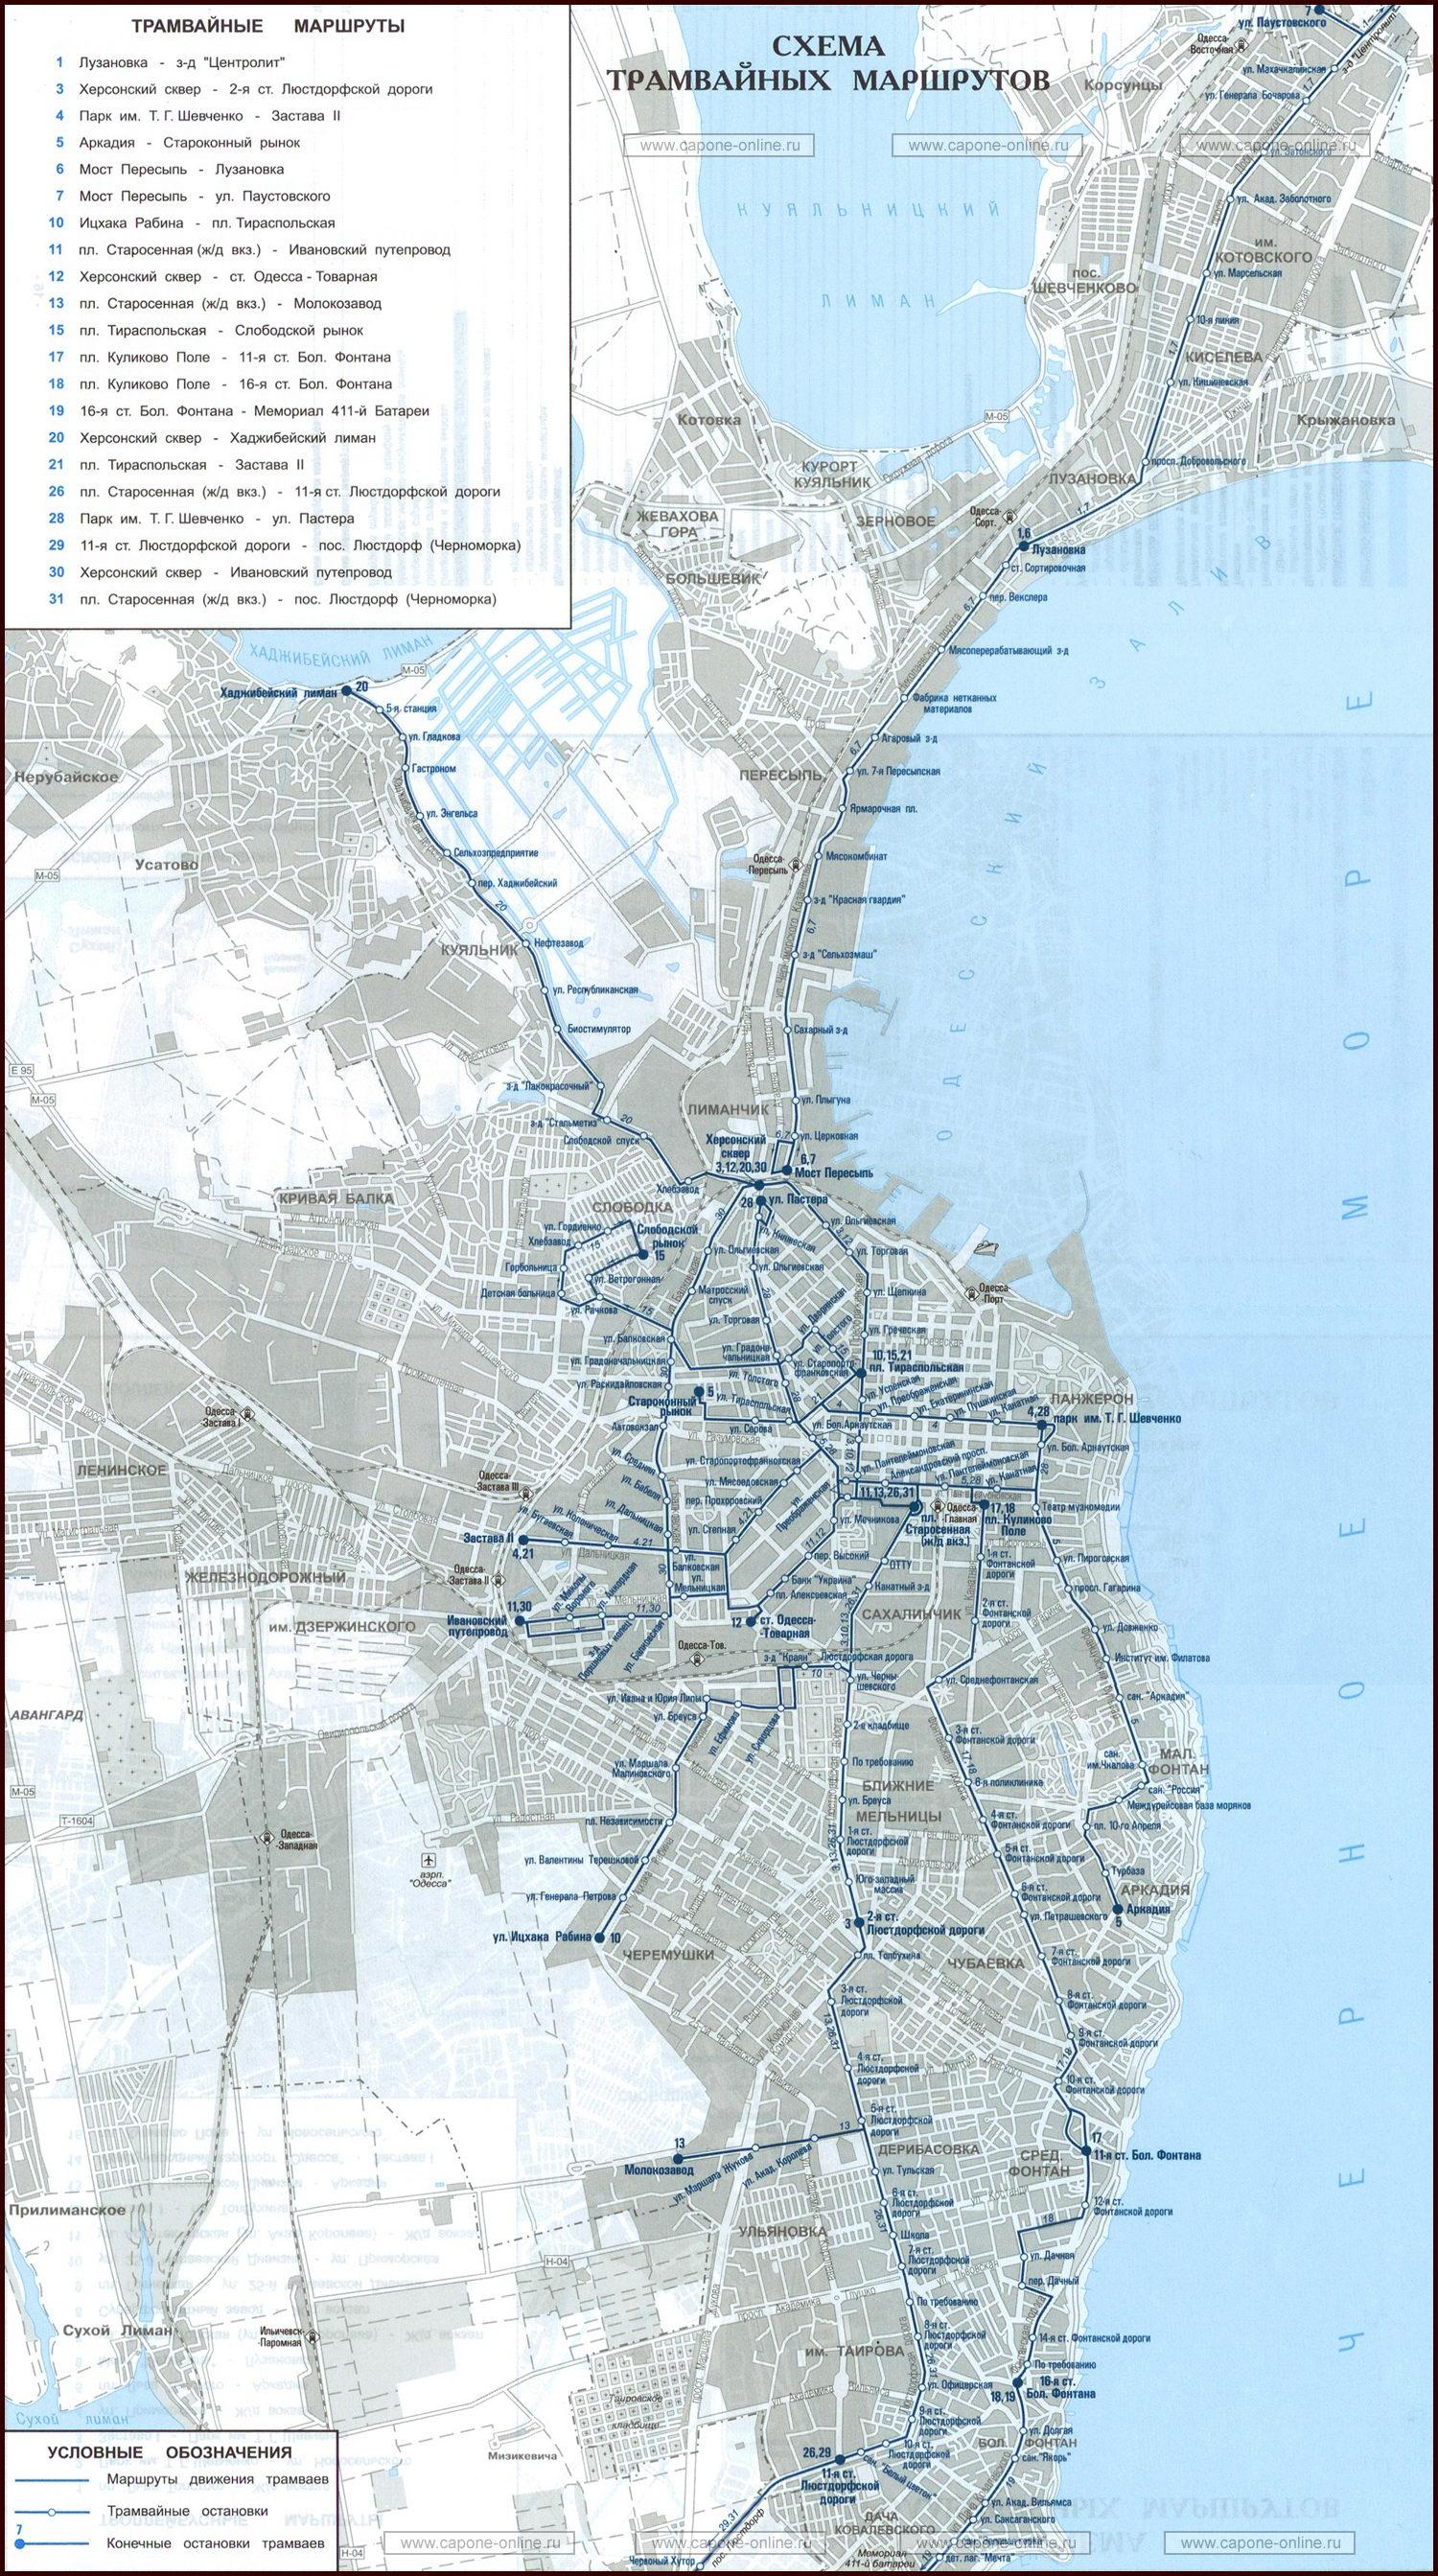 Маршруты трамваев на карте маршруты